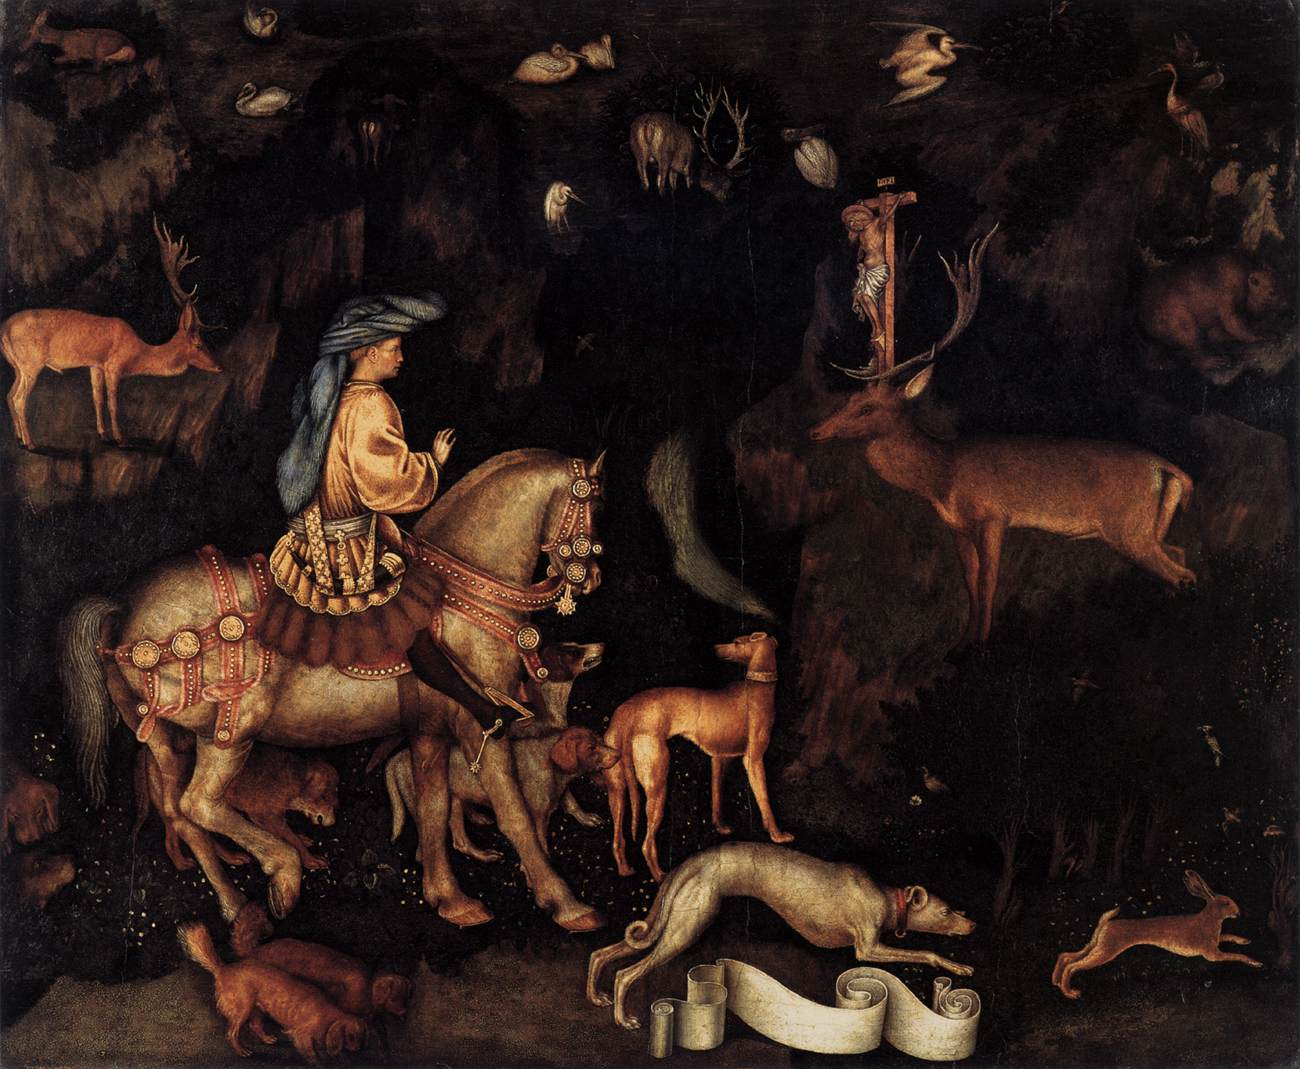 Pisanello, Het visioen van Sint Eustachius, National Gallery, London